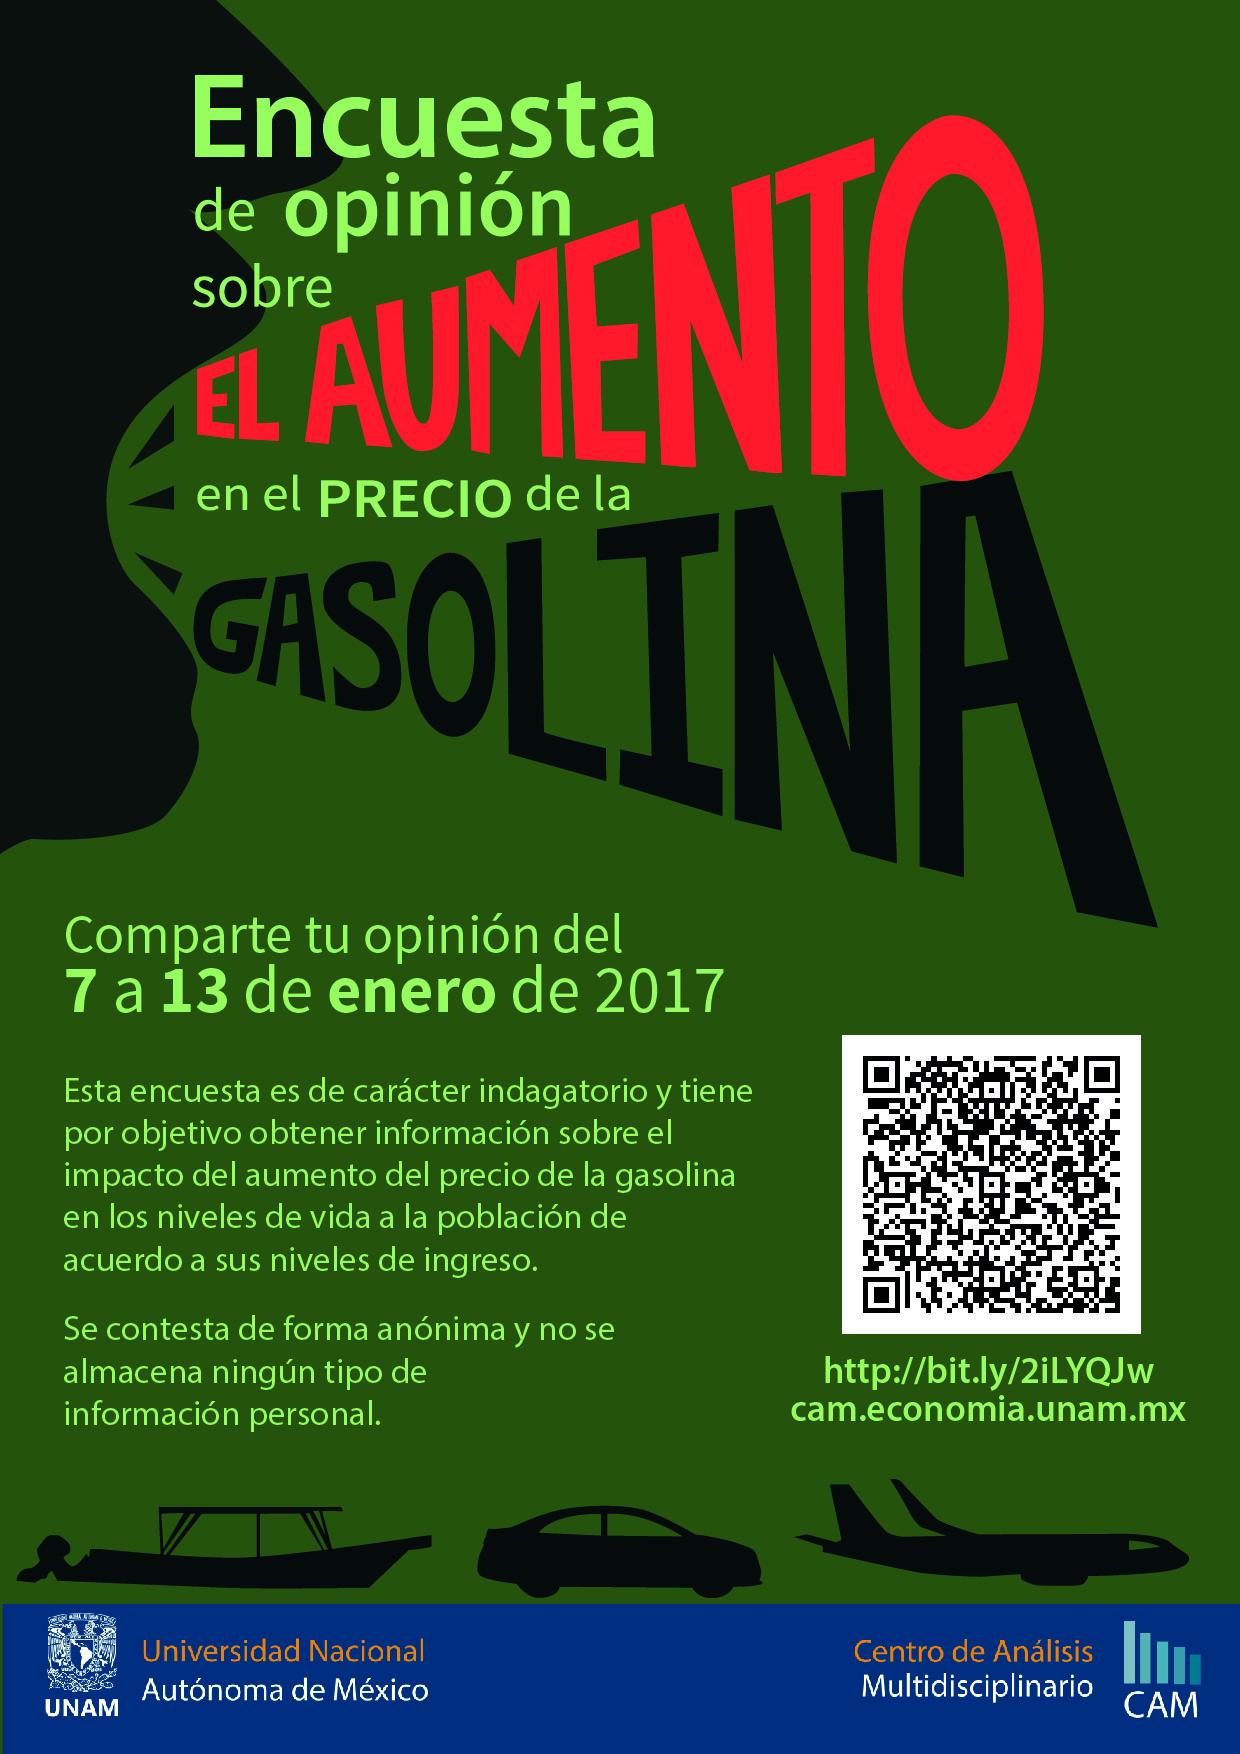 Encuesta de opinión sobre el aumento en el precio de la gasolina ...